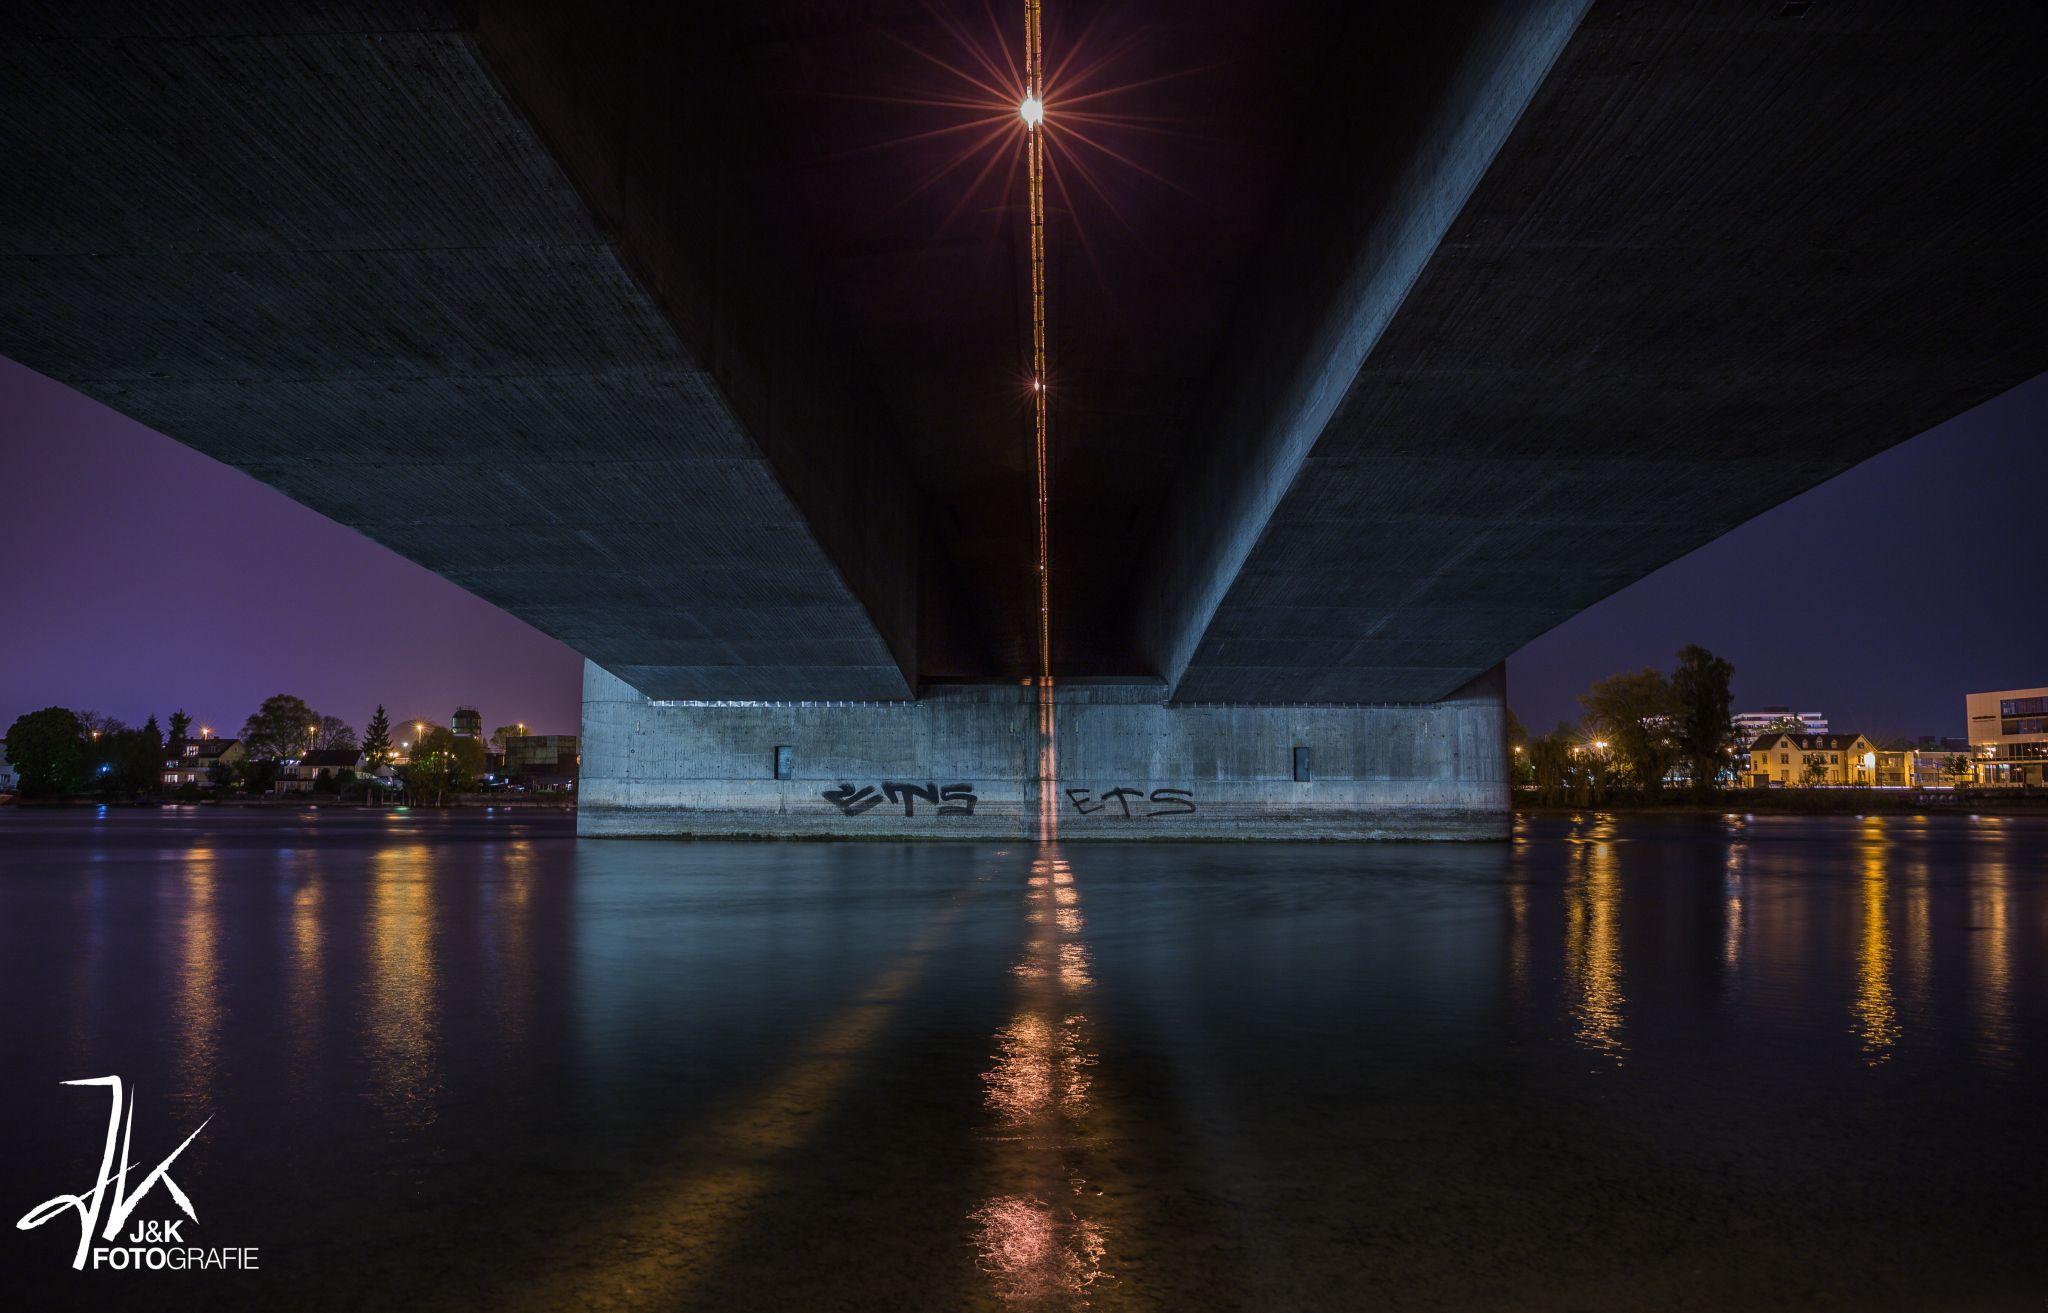 Schänzlebrücke, Germany